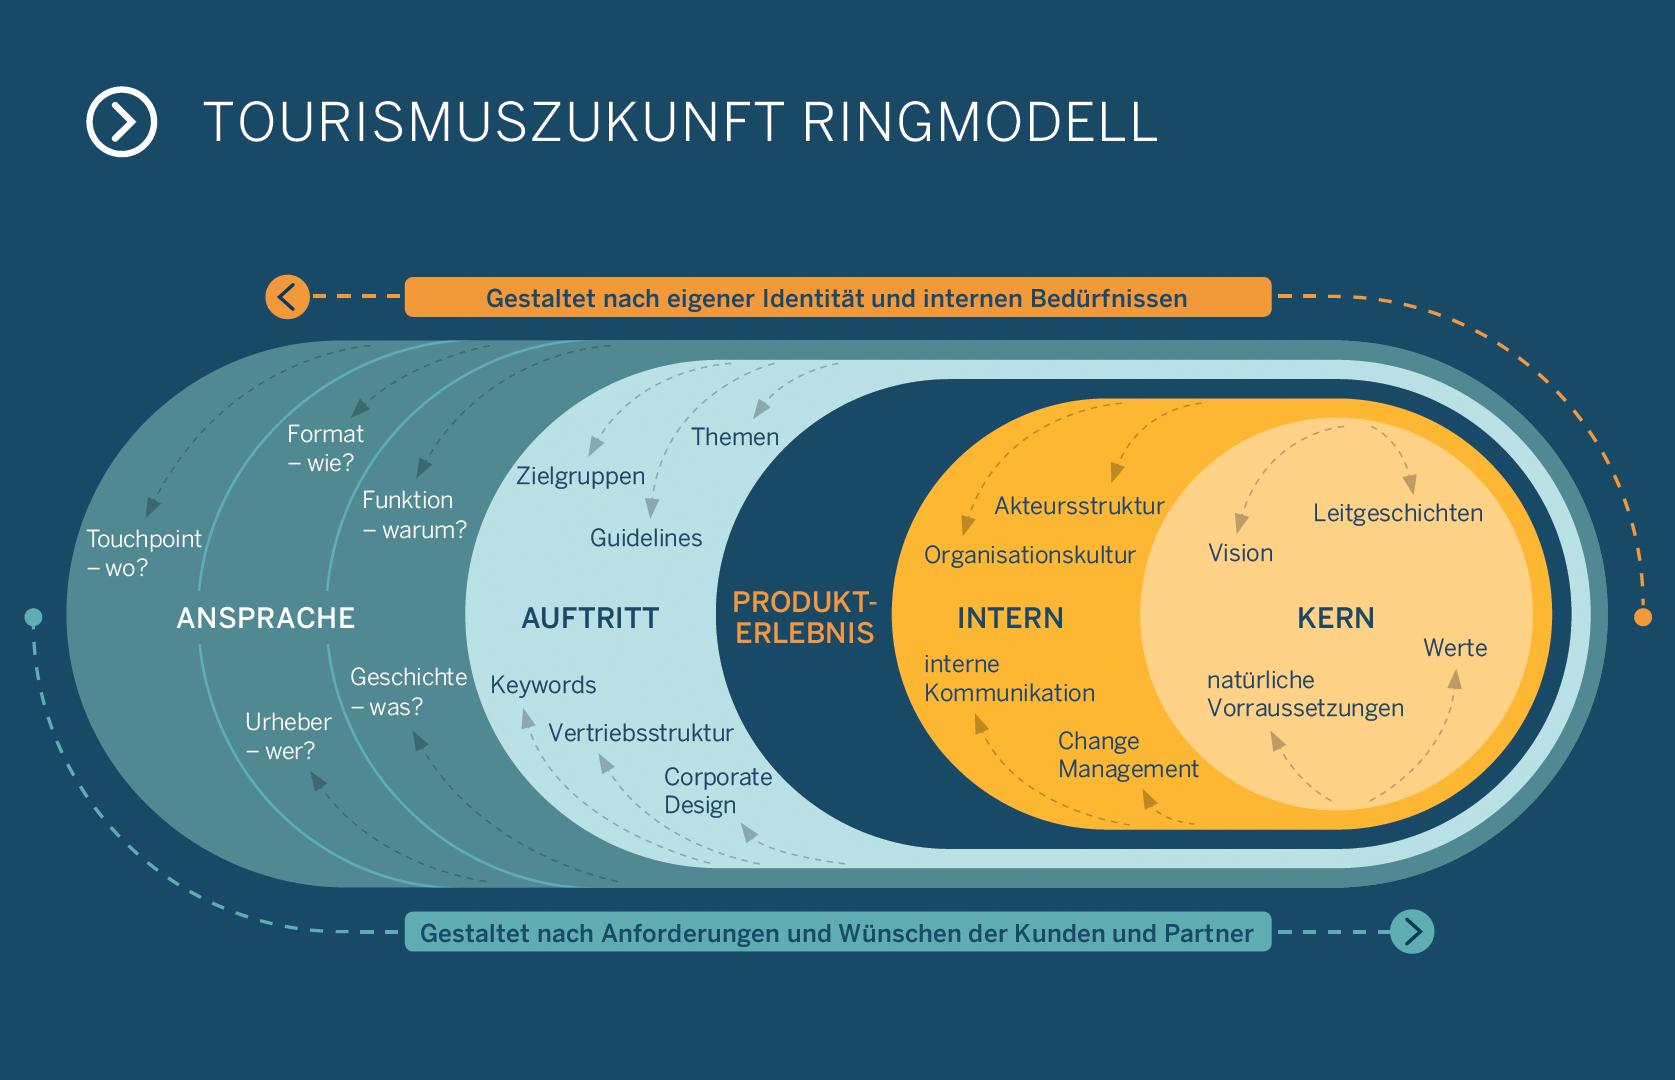 Die Elemente der Ansprache im Tourismuszukunft Ringmodell: Geschichte (Was?) – Funktion (Warum?) – Urheber (Wer?) – Format (Wie?) – Touchpoint (Wo?)